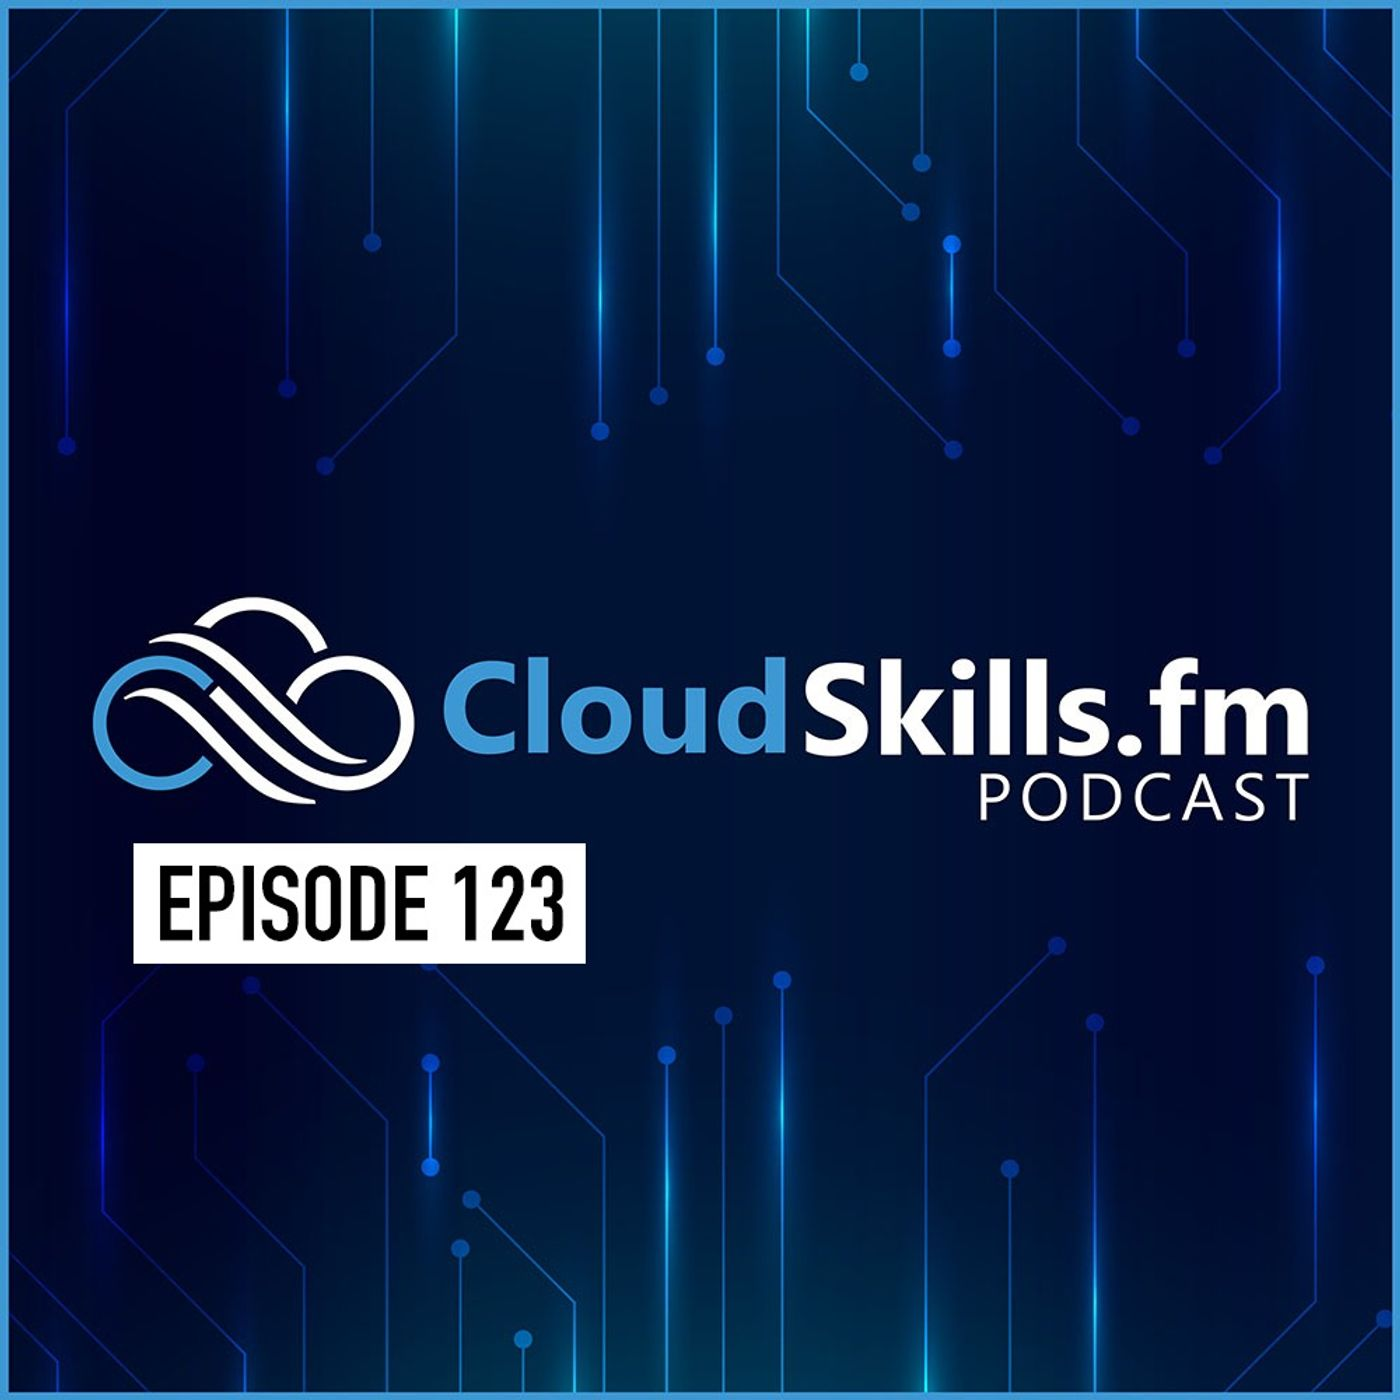 123: Closing the Cloud Skills Gap with Tristan Morel L'Horset